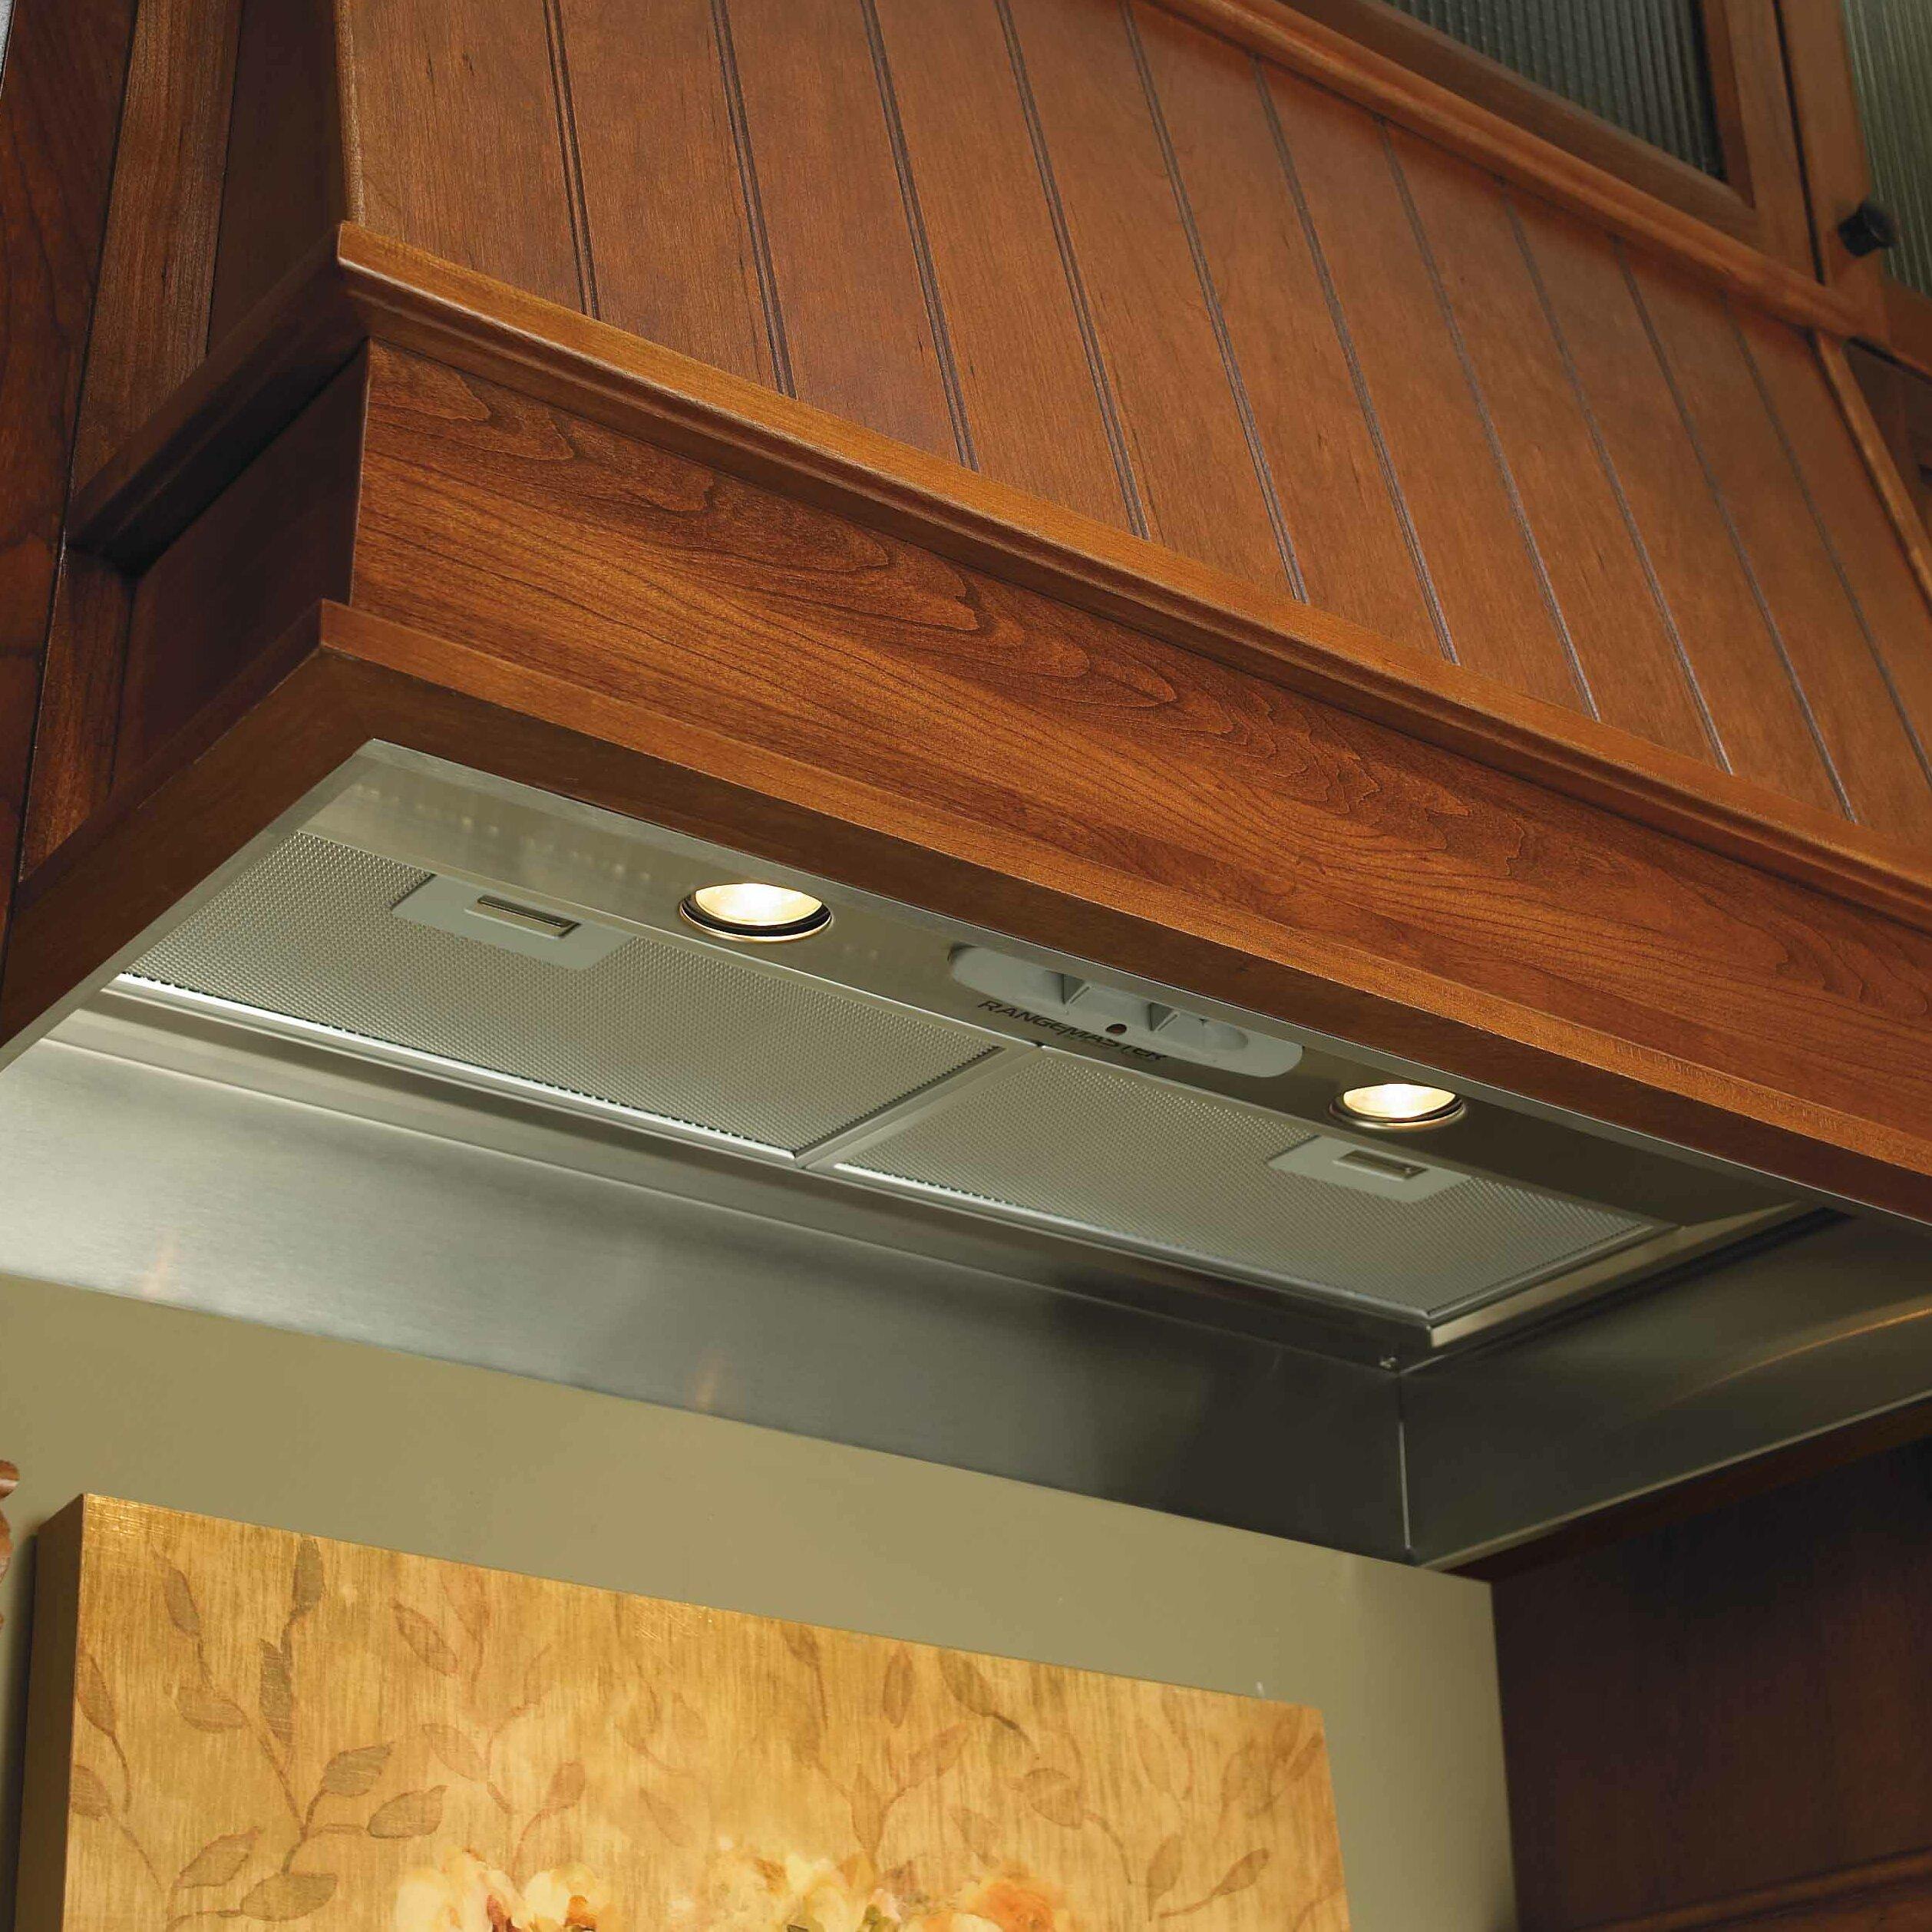 Broan elite range hood custom power pack filter wayfair for Broan vent a hood